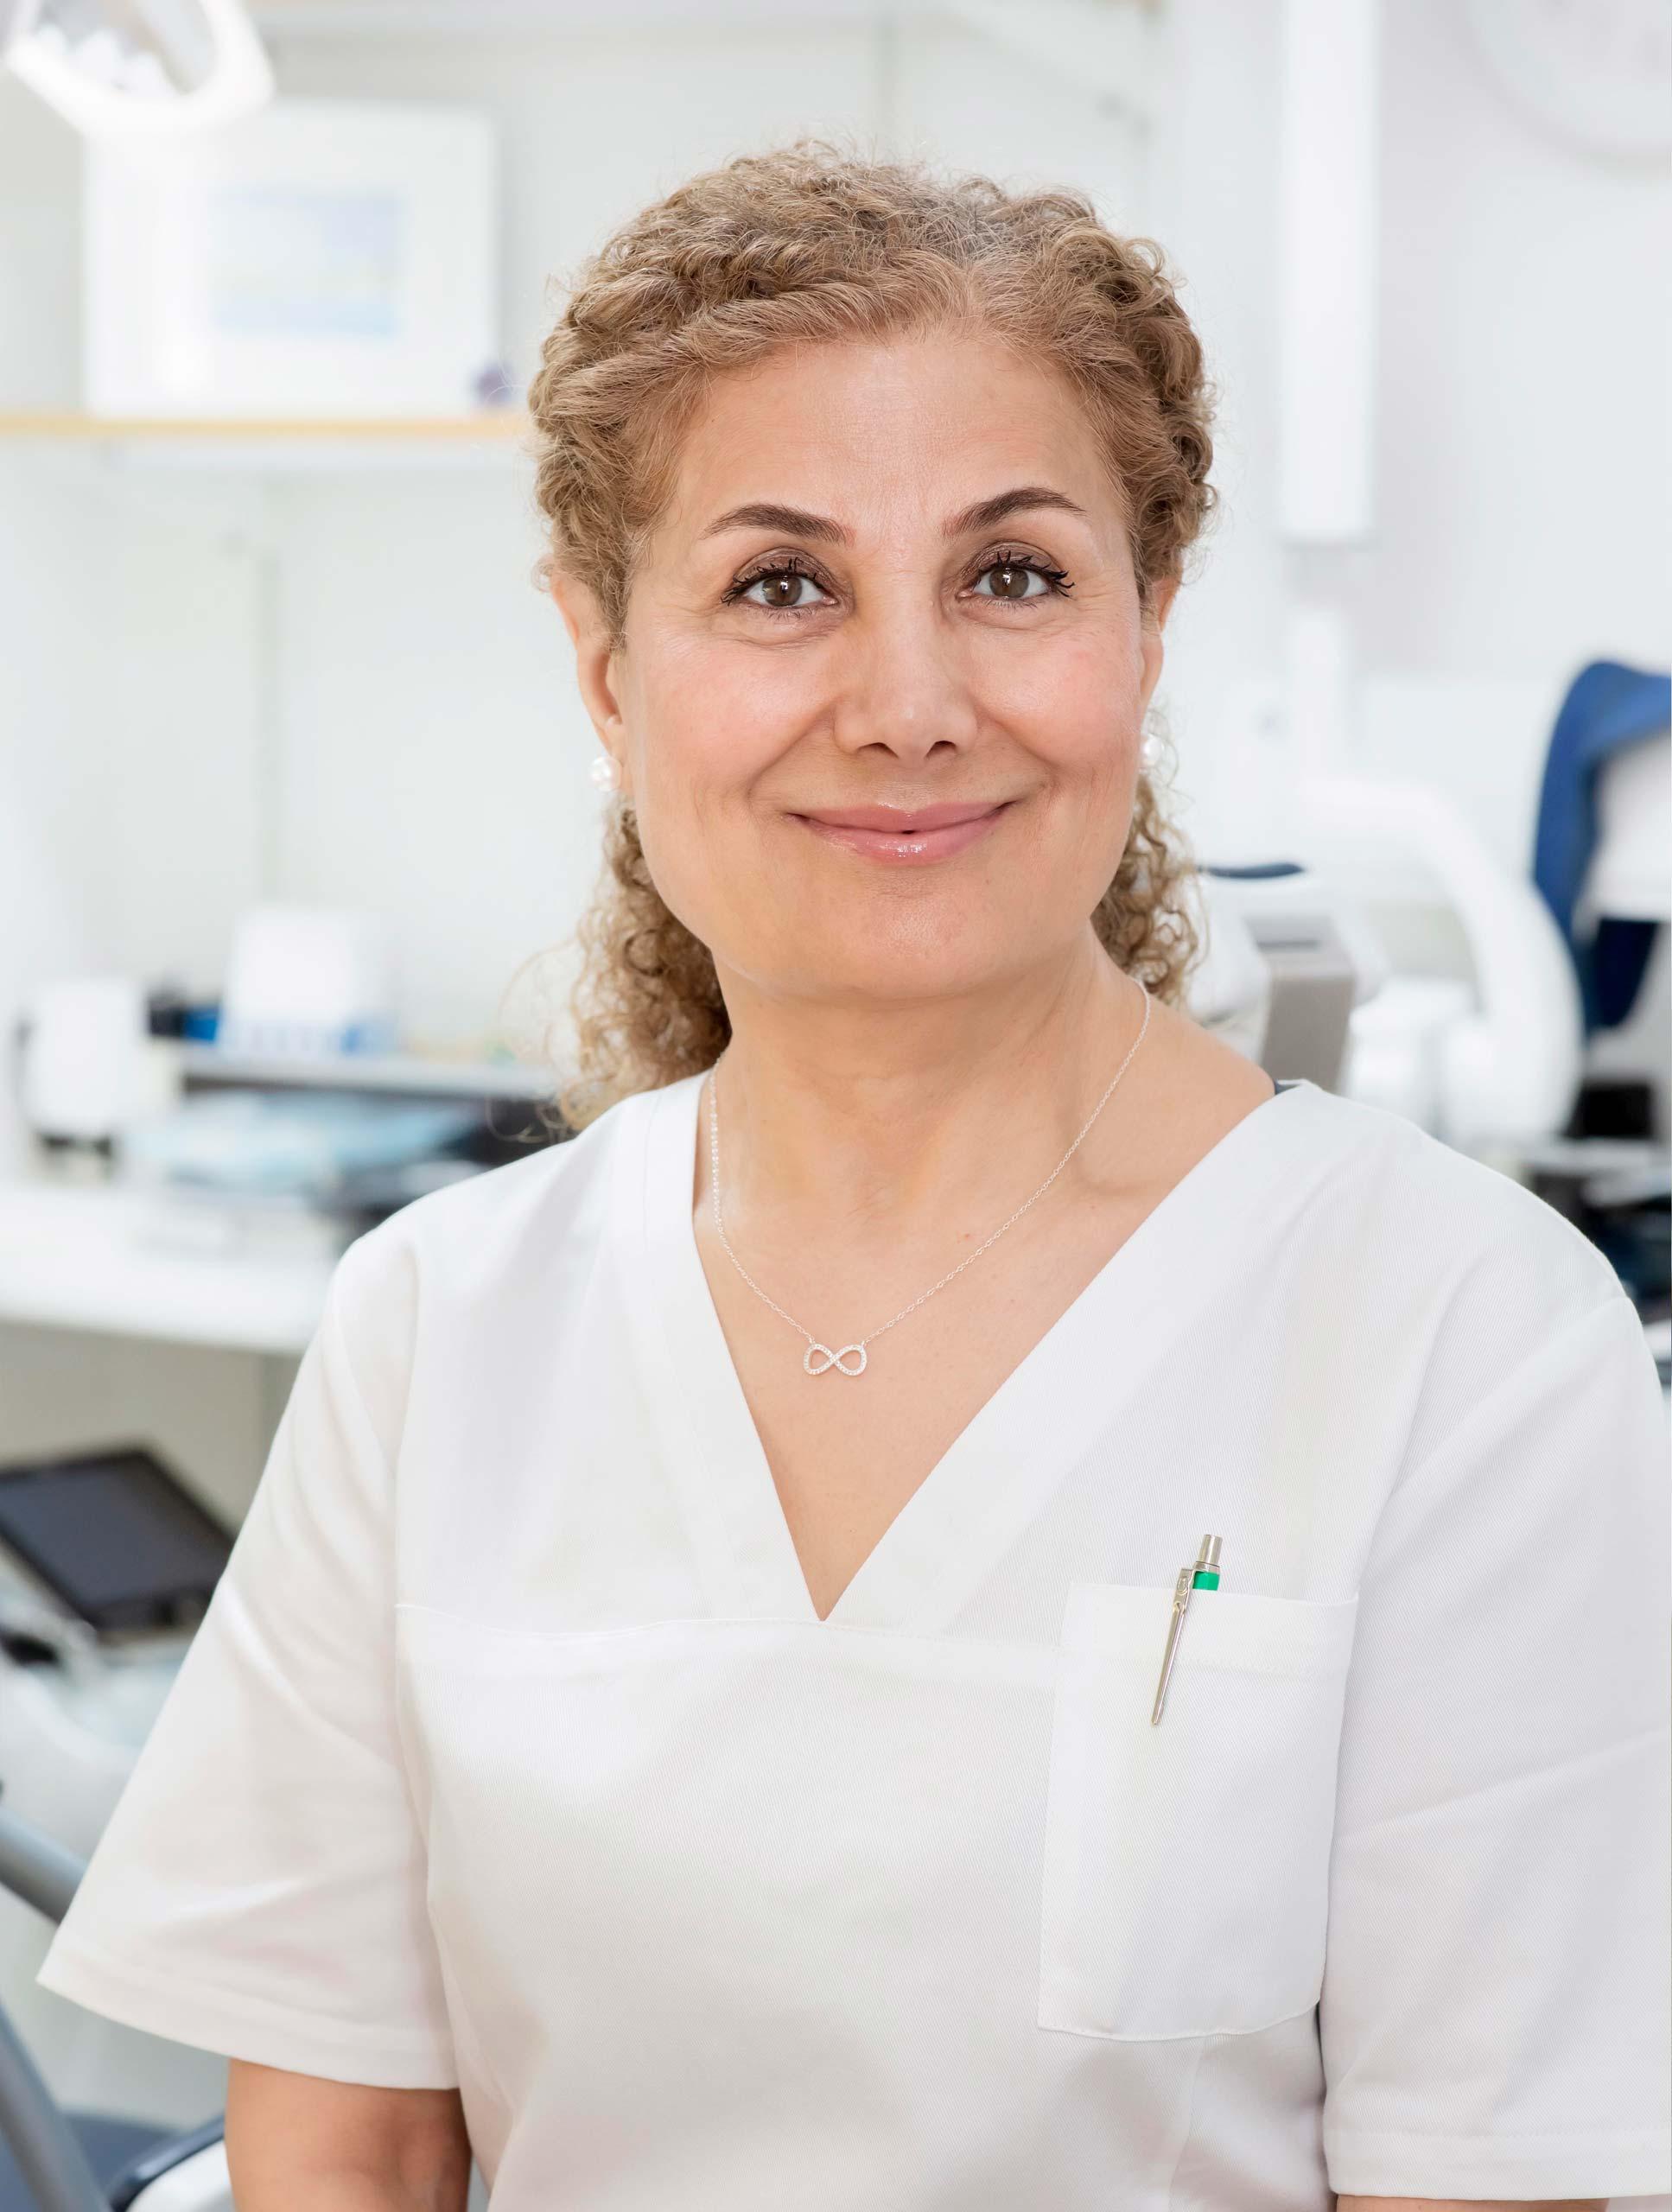 Tandsköterska Saghar Edalat